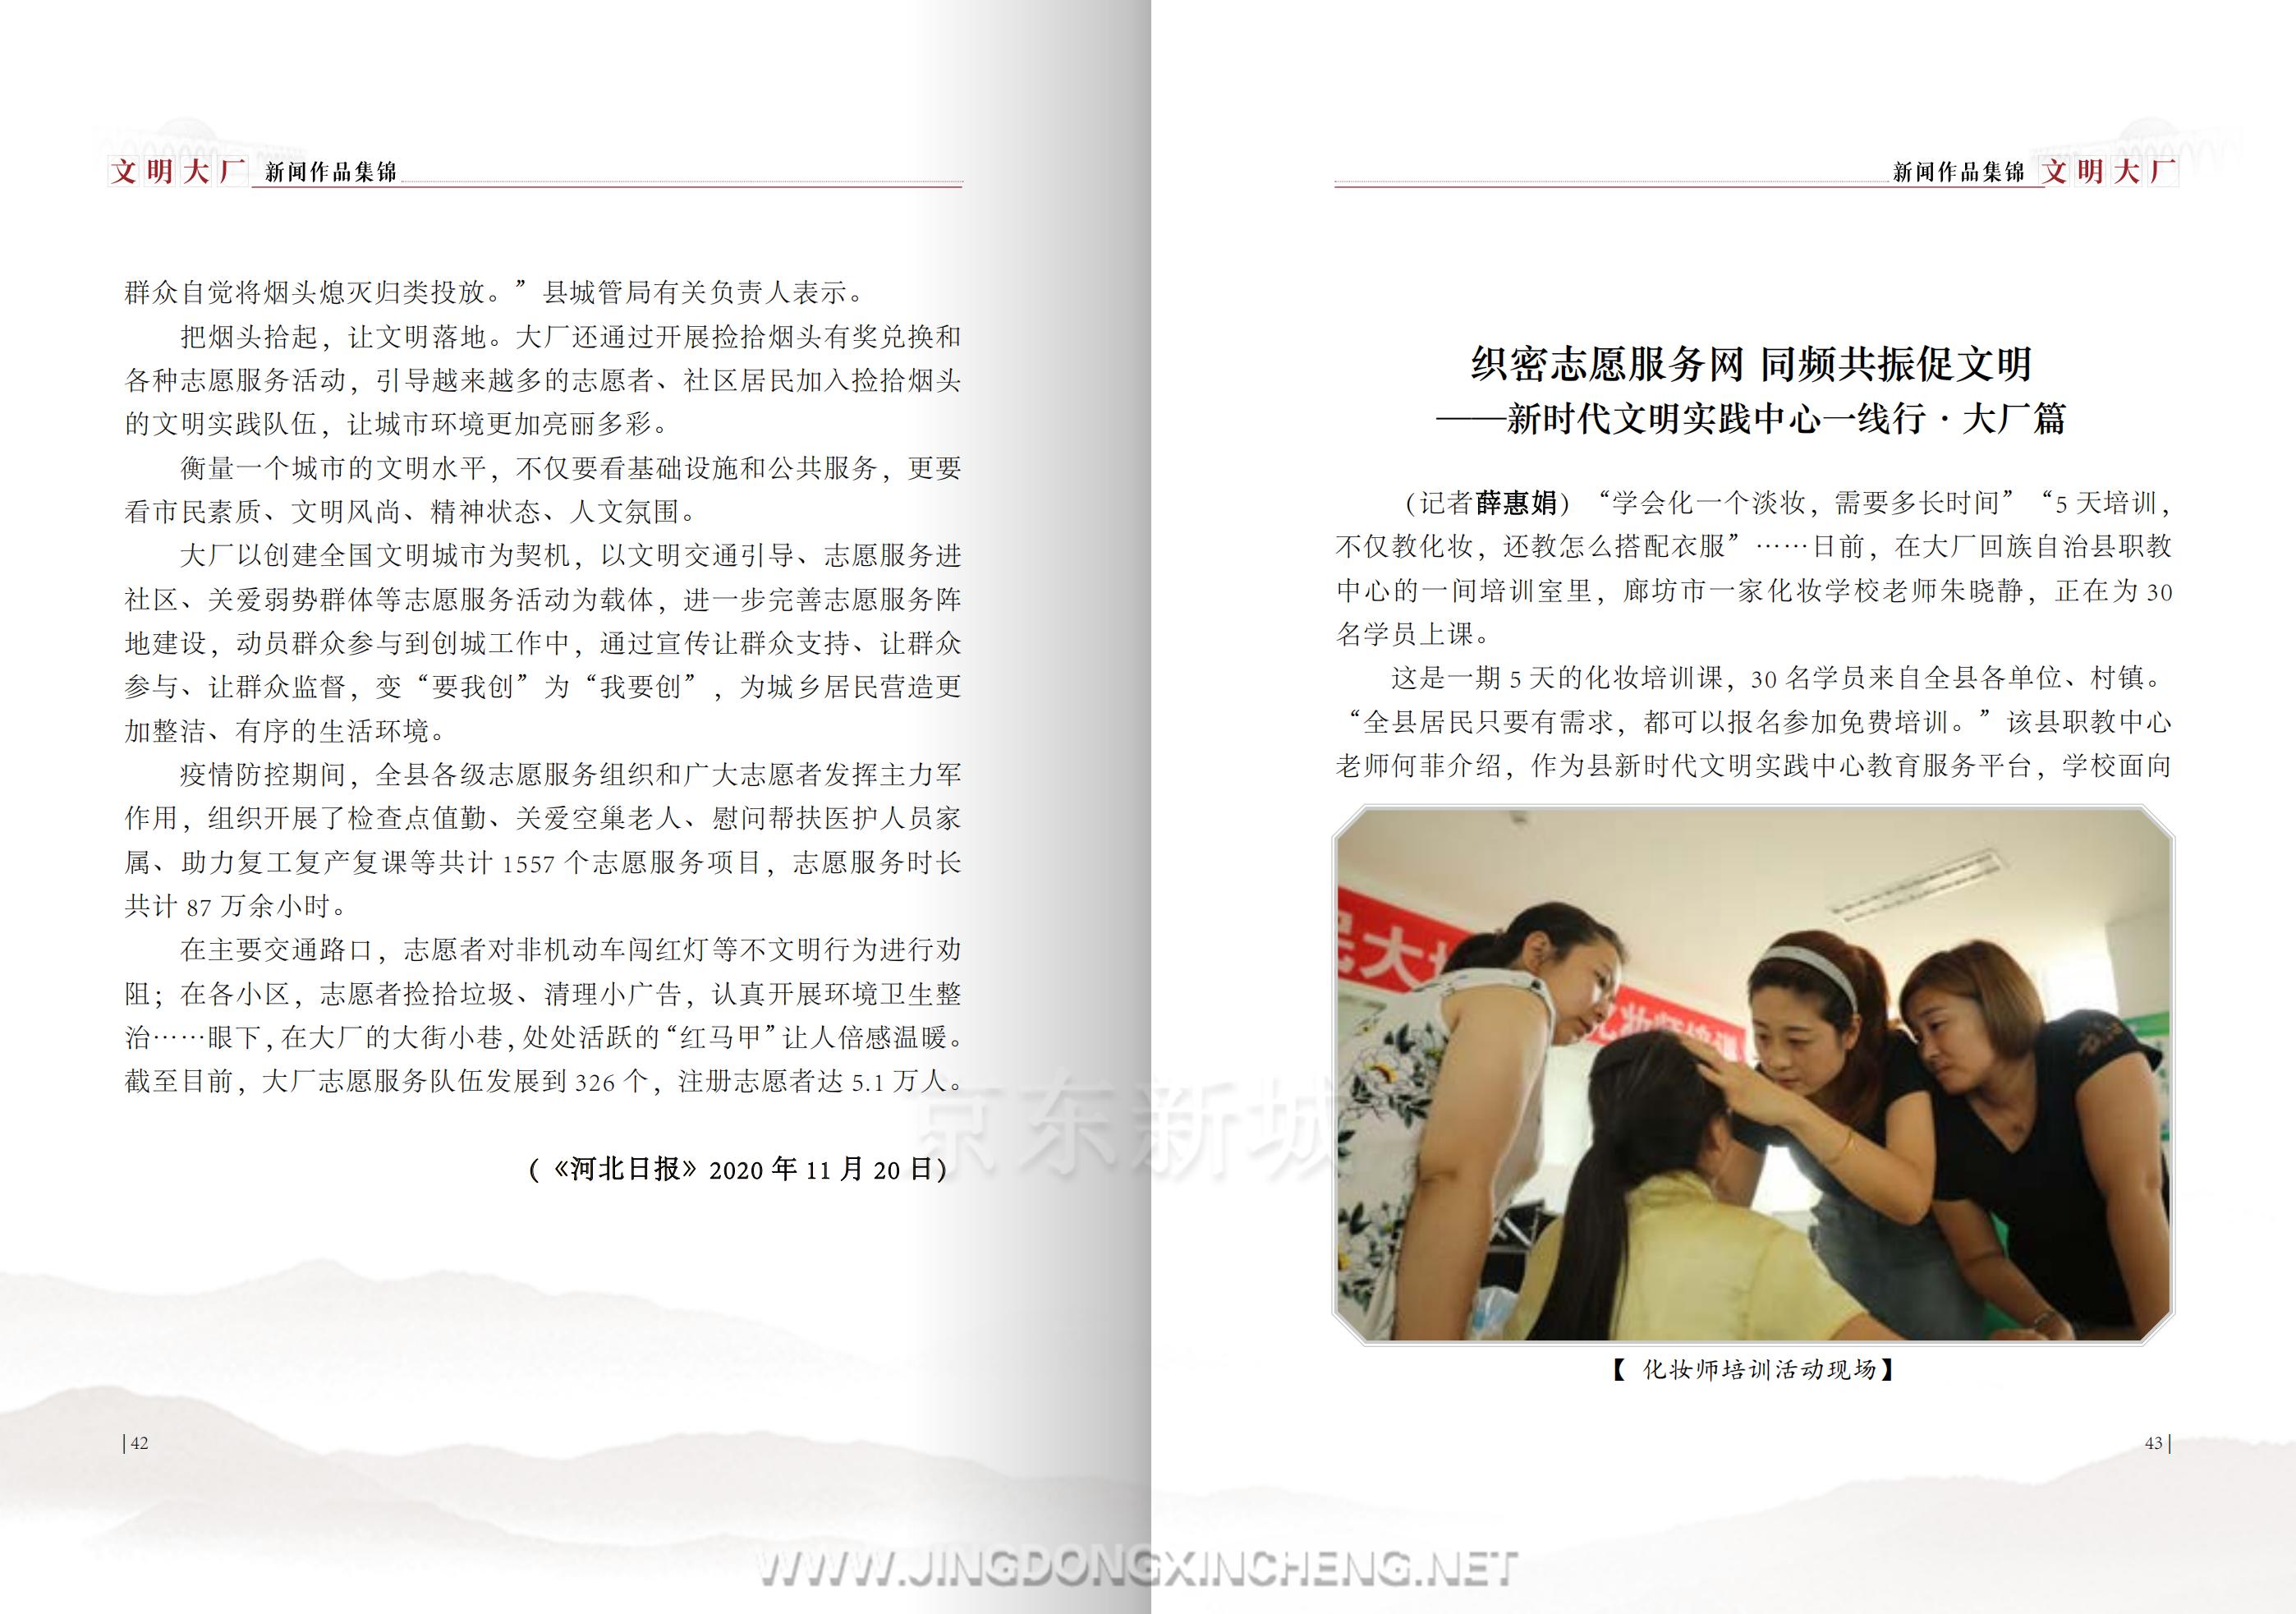 文明大厂书籍-定稿-上传版_25.png